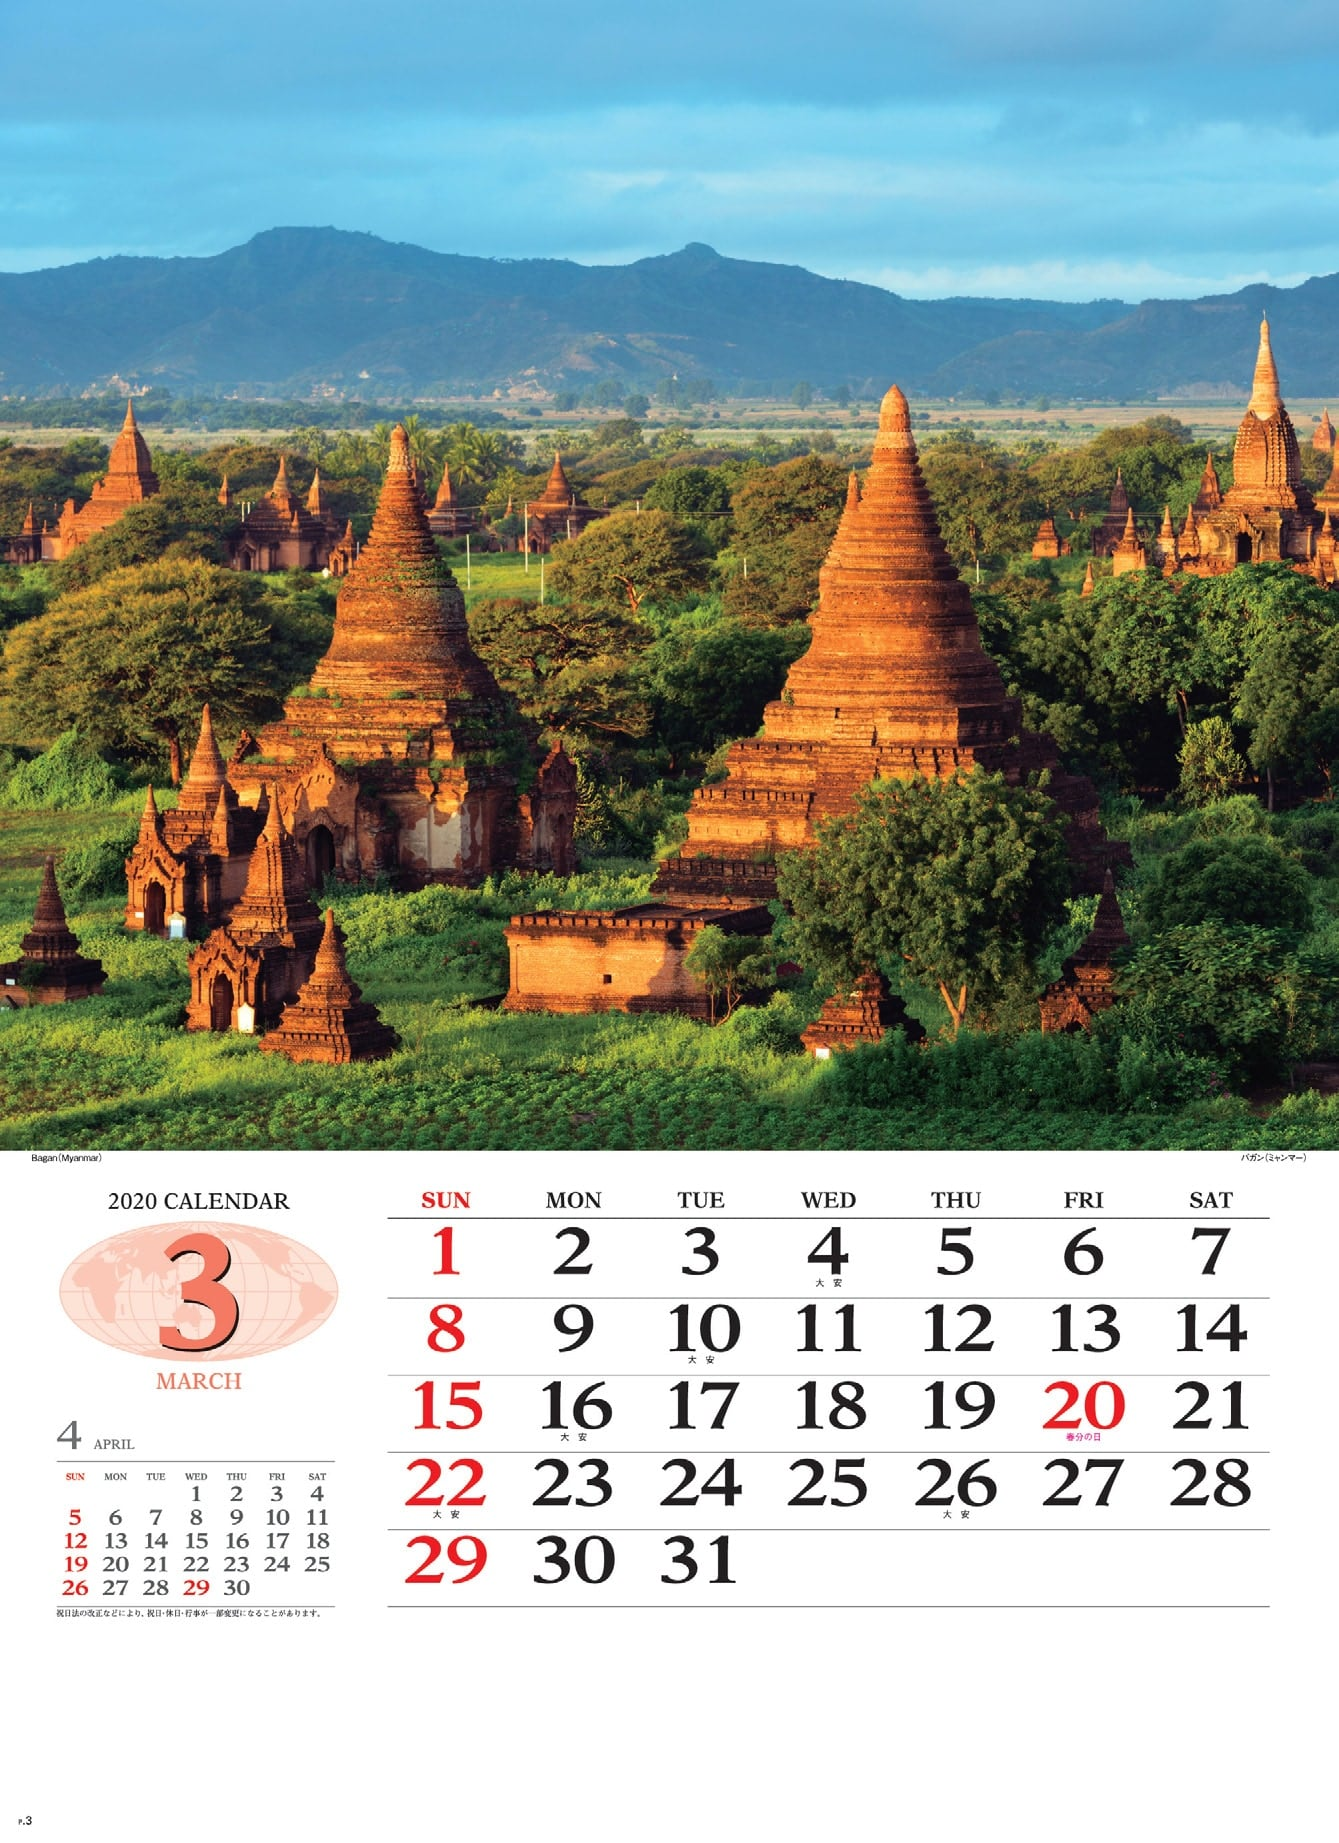 画像:バガン(ミャンマー) 世界の景観 2020年カレンダー